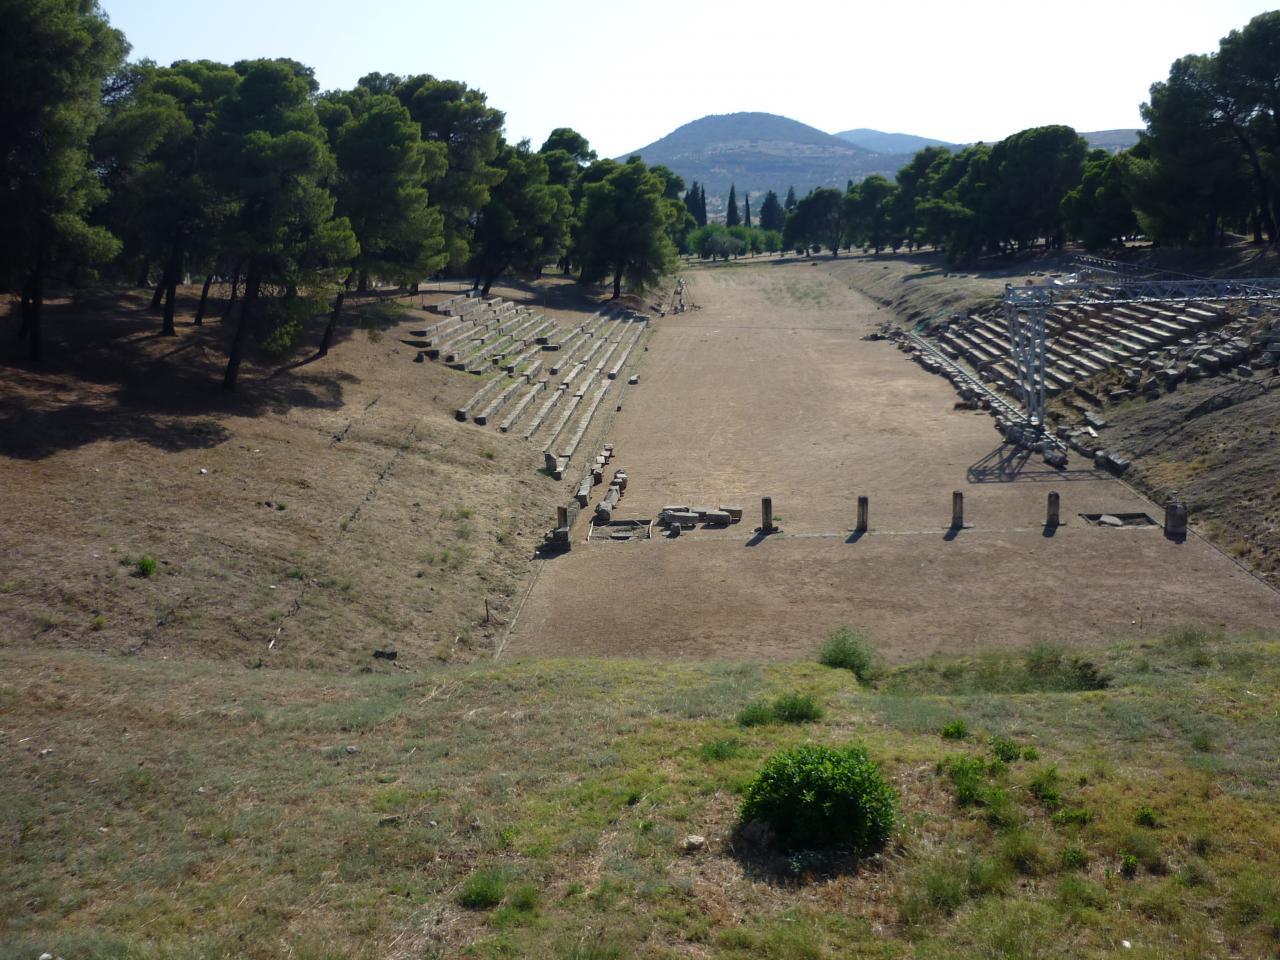 P1010941 -le stade au site d'Epidaure